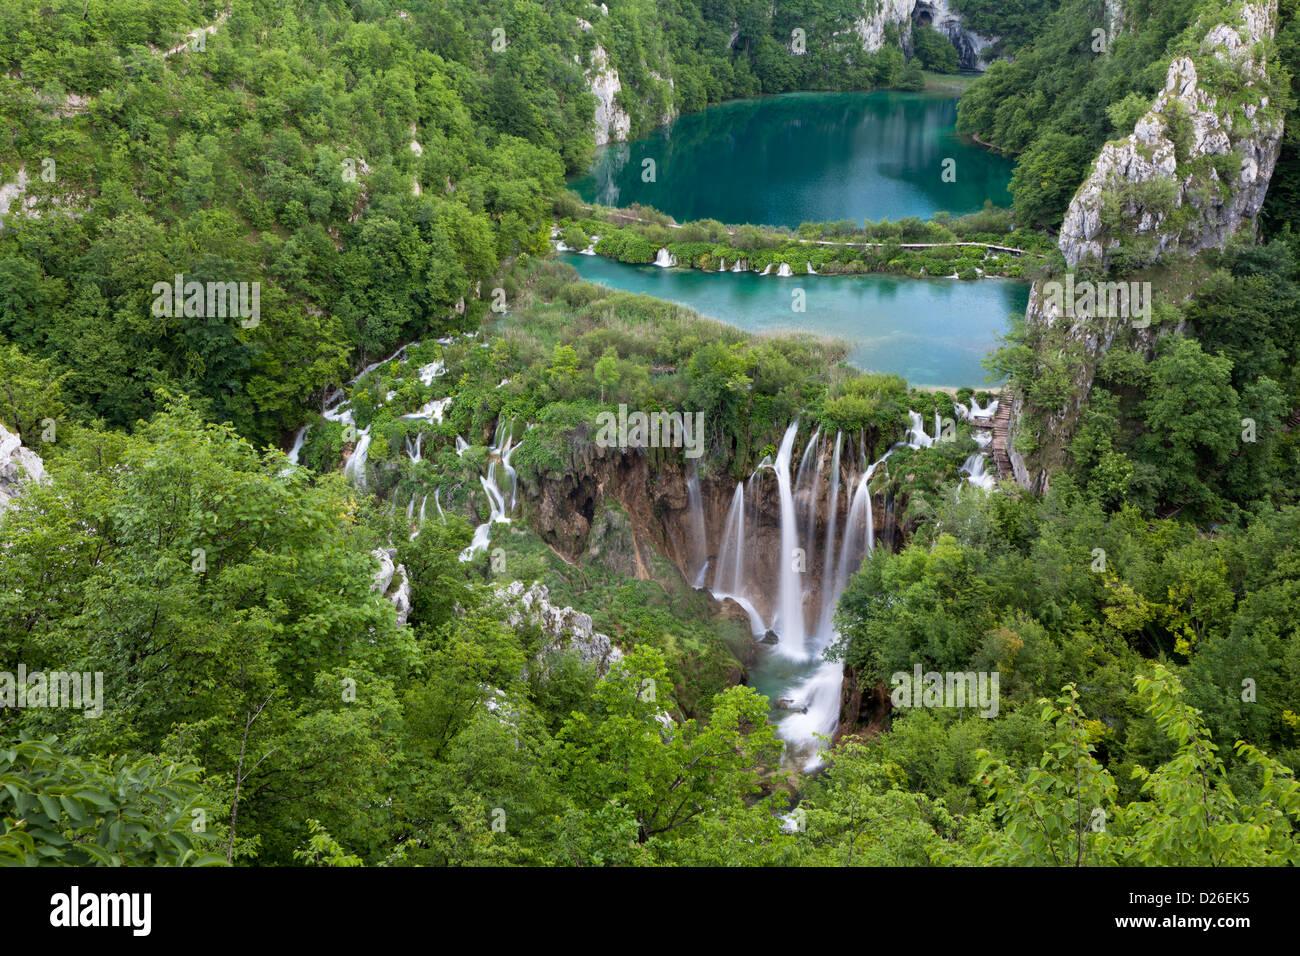 Los lagos de Plitvice en el Parque Nacional de Plitvicka Jezera en Croacia. Los lagos inferiores. Europa, el sur Foto de stock